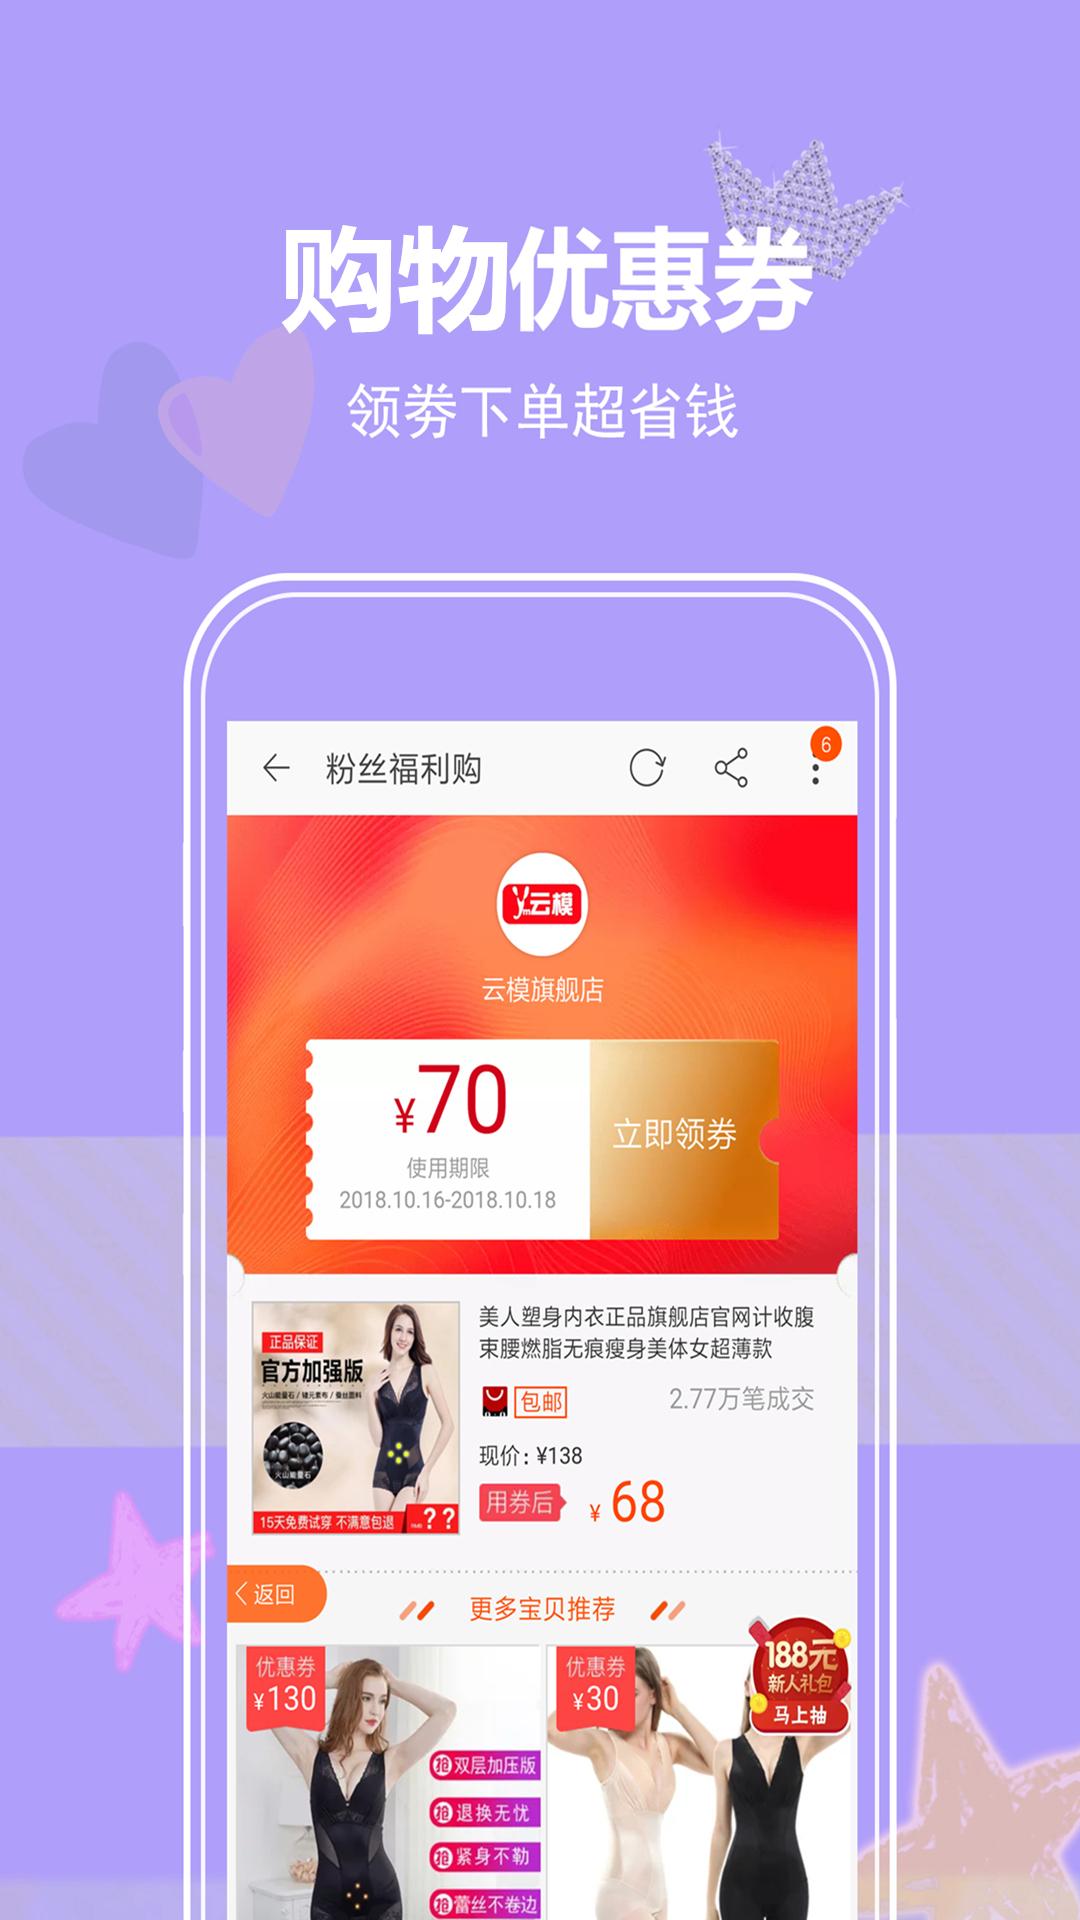 速惠联盟app图3